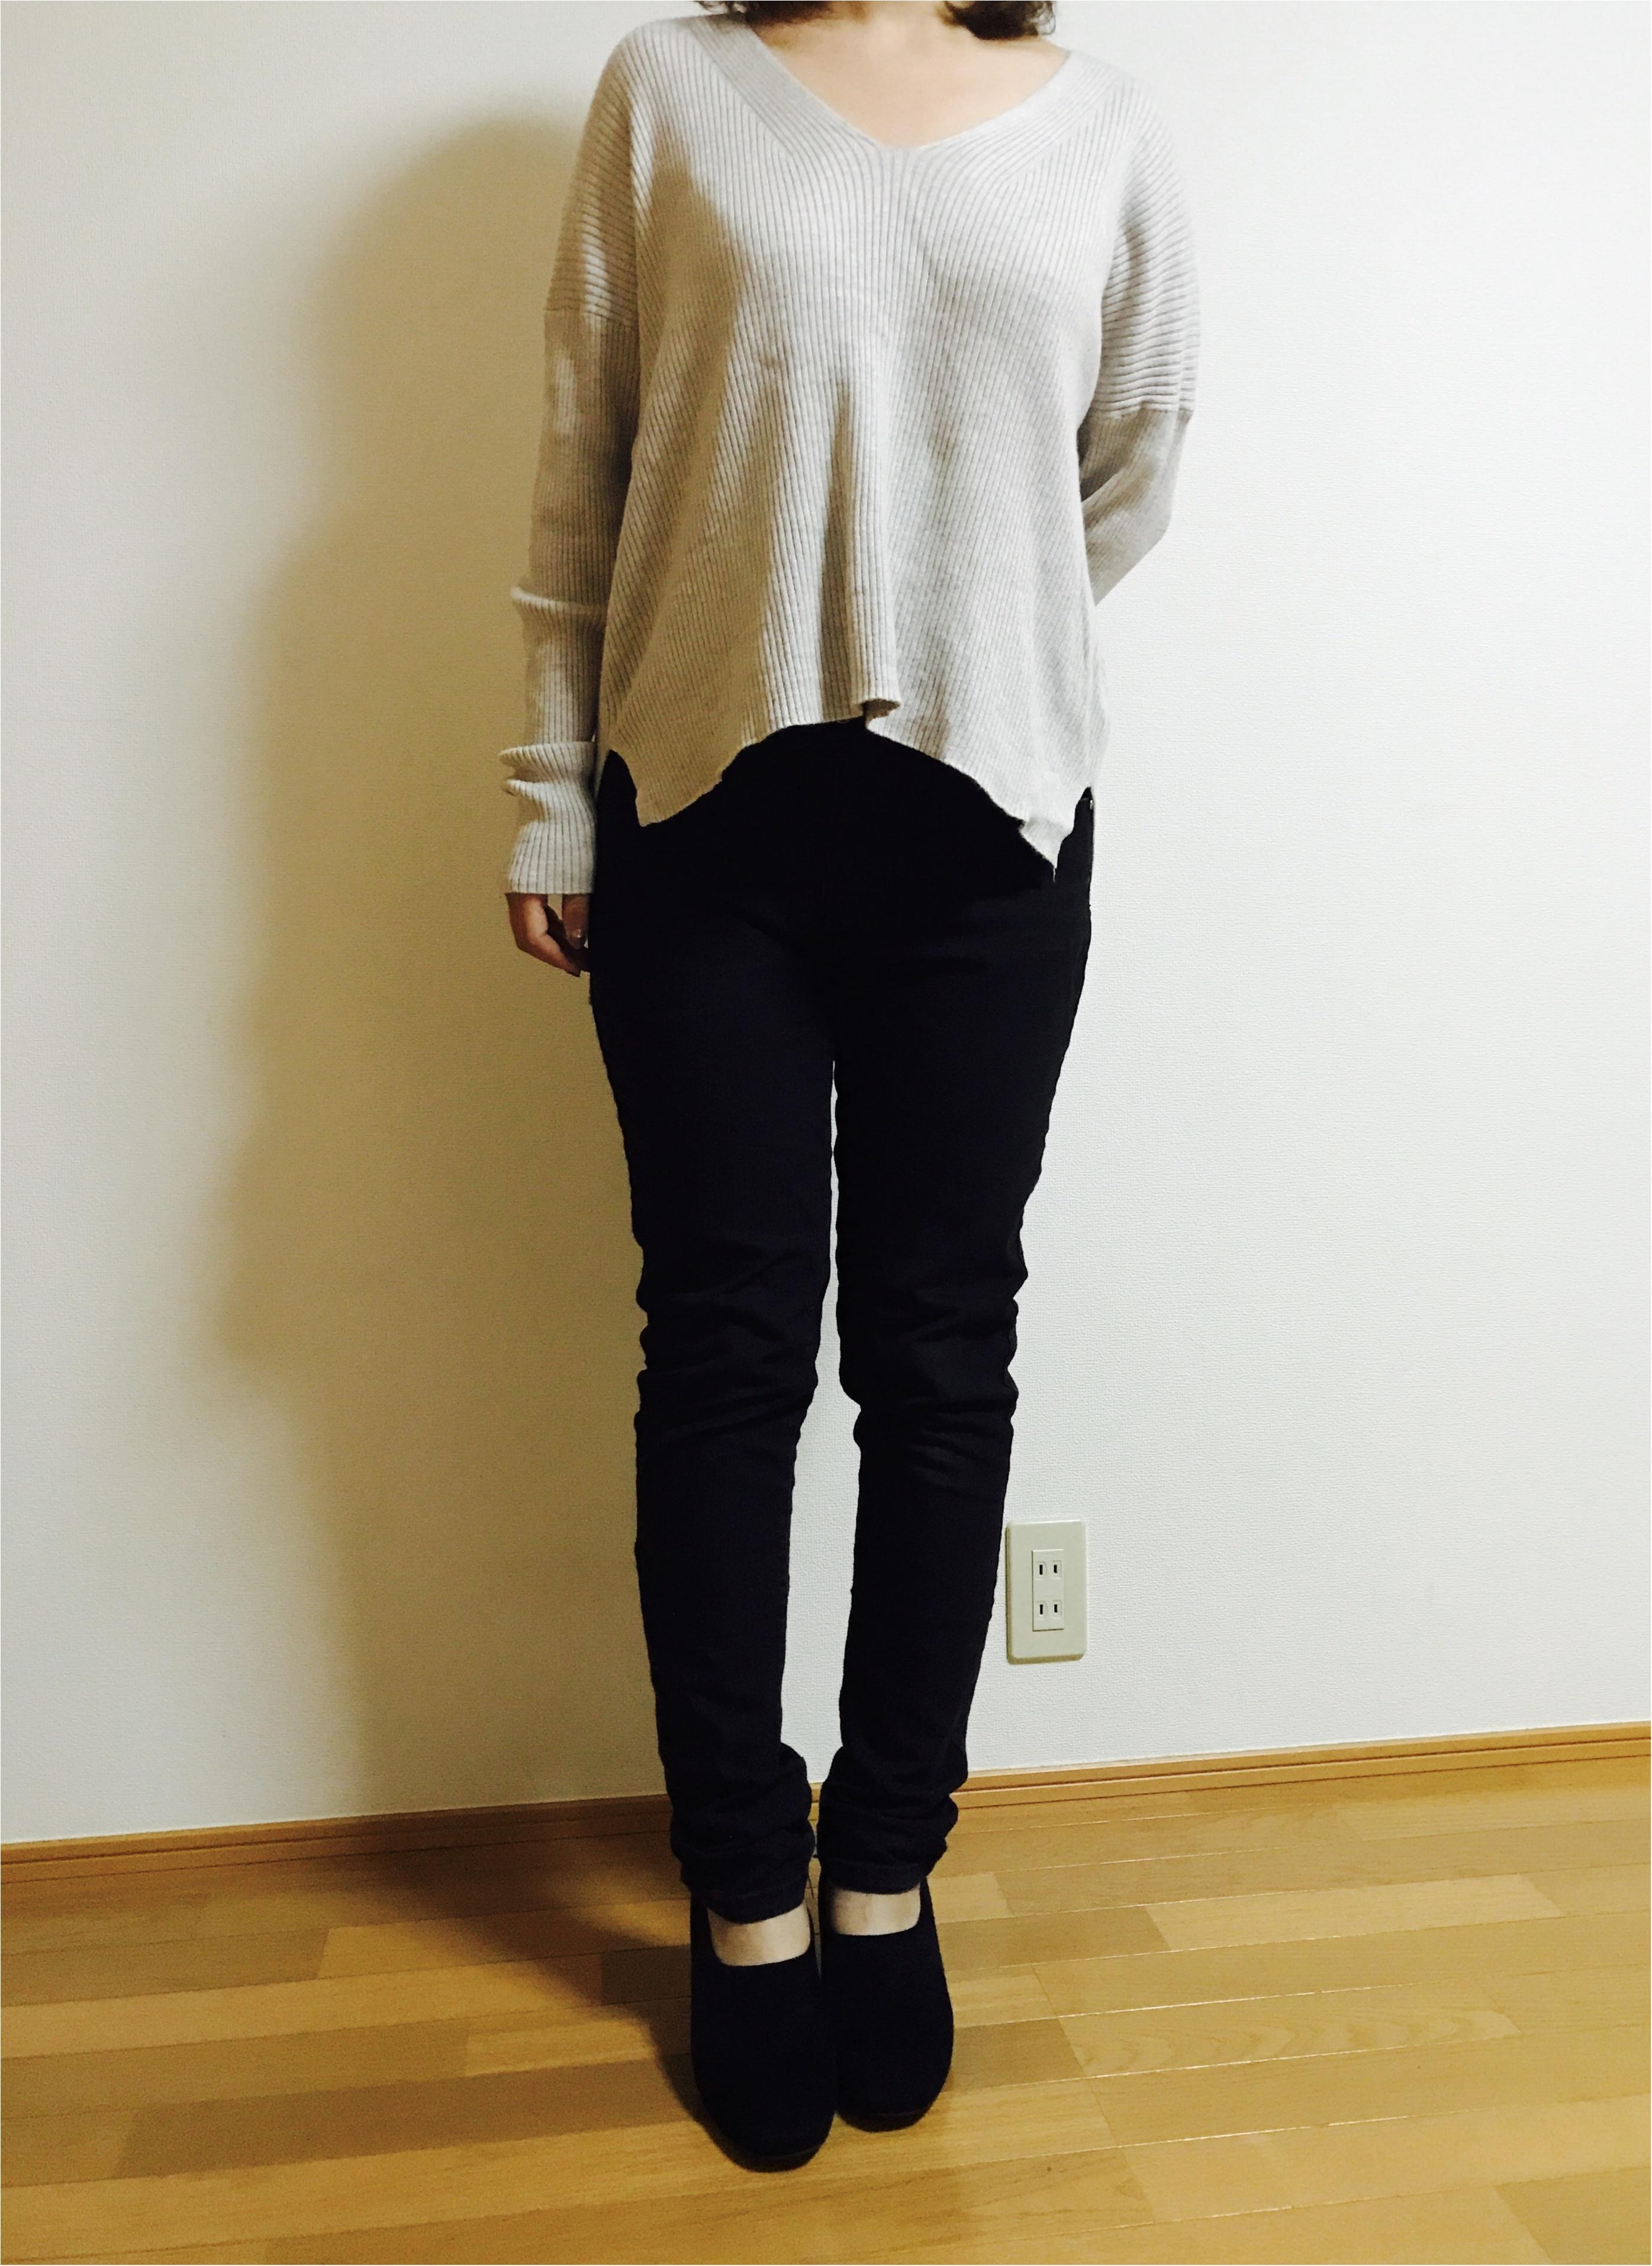 【秋冬靴のトレンド】美脚効果抜群の《シューティー》で、足元お洒落女子へ♡♡_8